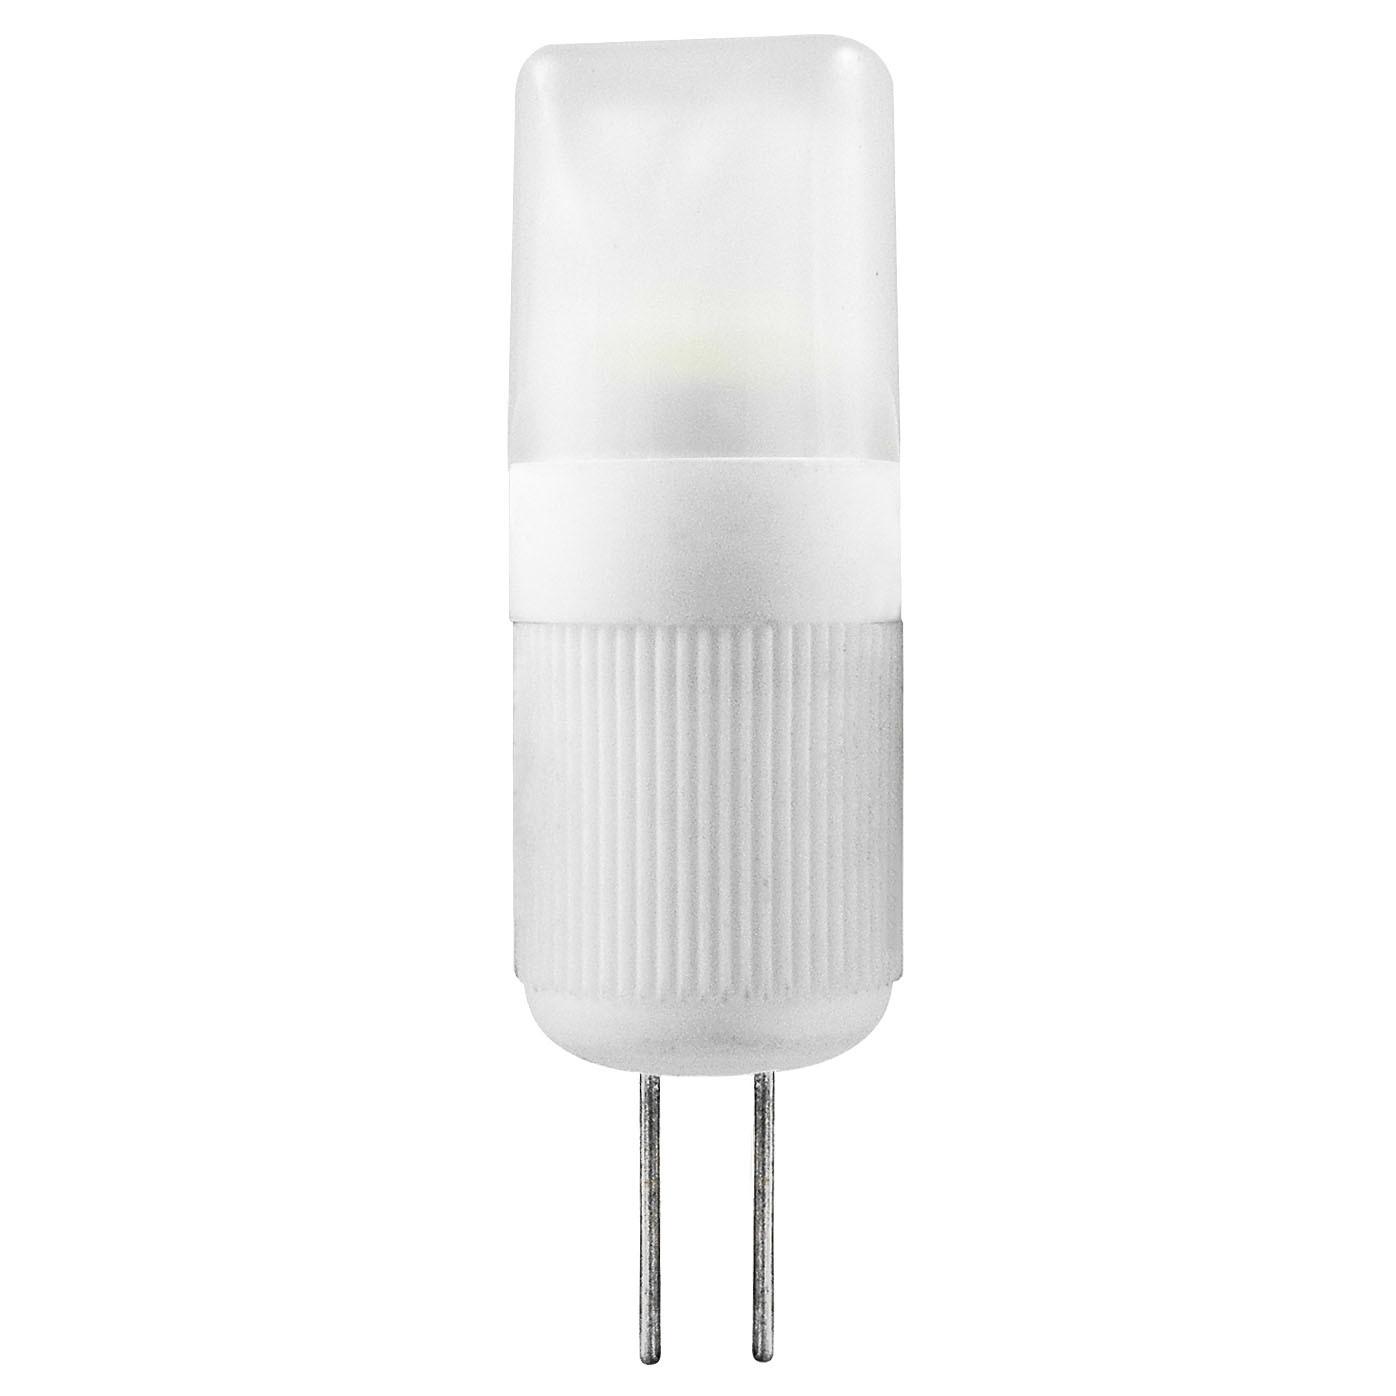 MENGS® G4 1.5W LED Light   AC 220V  In Warm White Energy-Saving Lamp